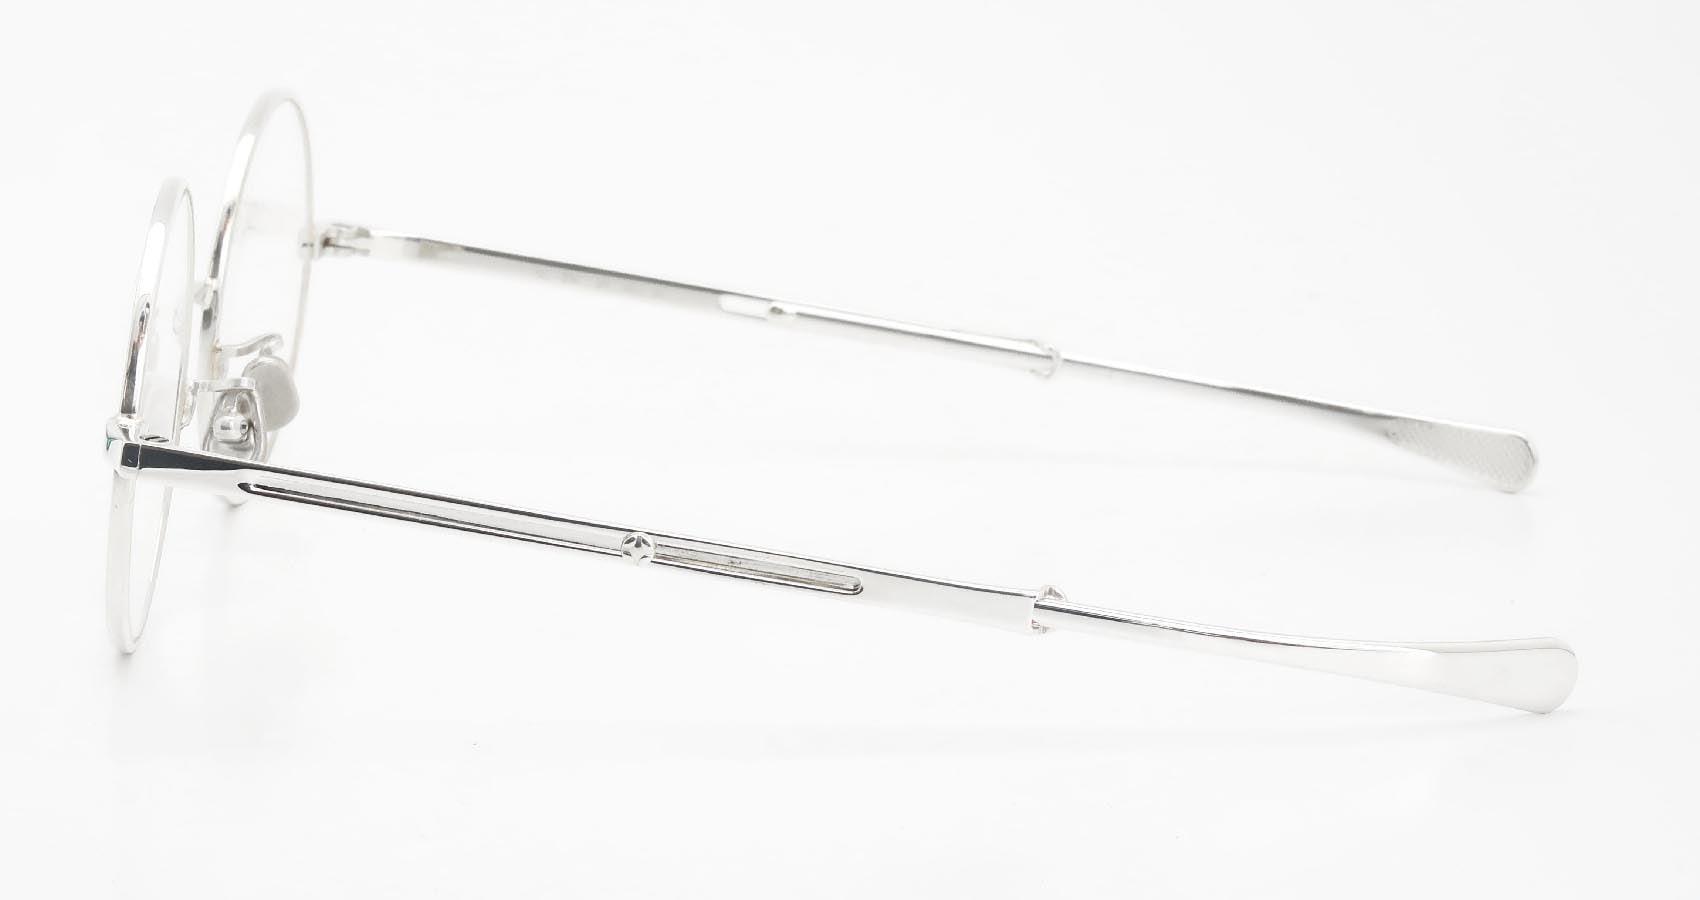 GERNOT LINDNER GL200 mod.206 Adjustable 3